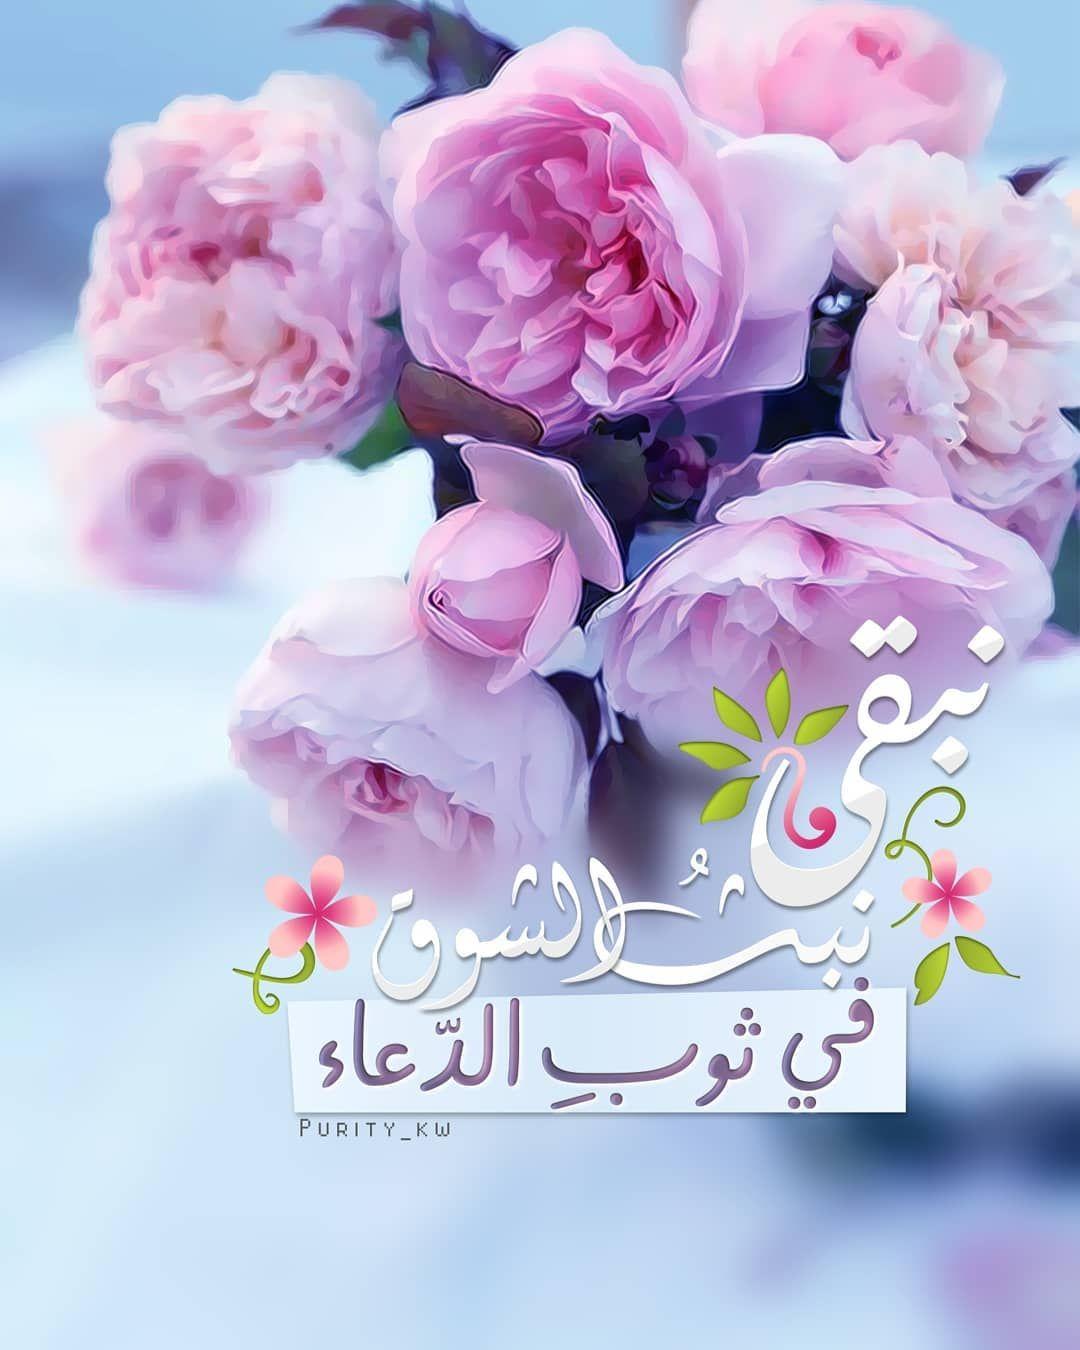 اللهم البس احبتي ثوب الصحة والسعادة والهناء Islamic Images Islamic Messages Love Photos